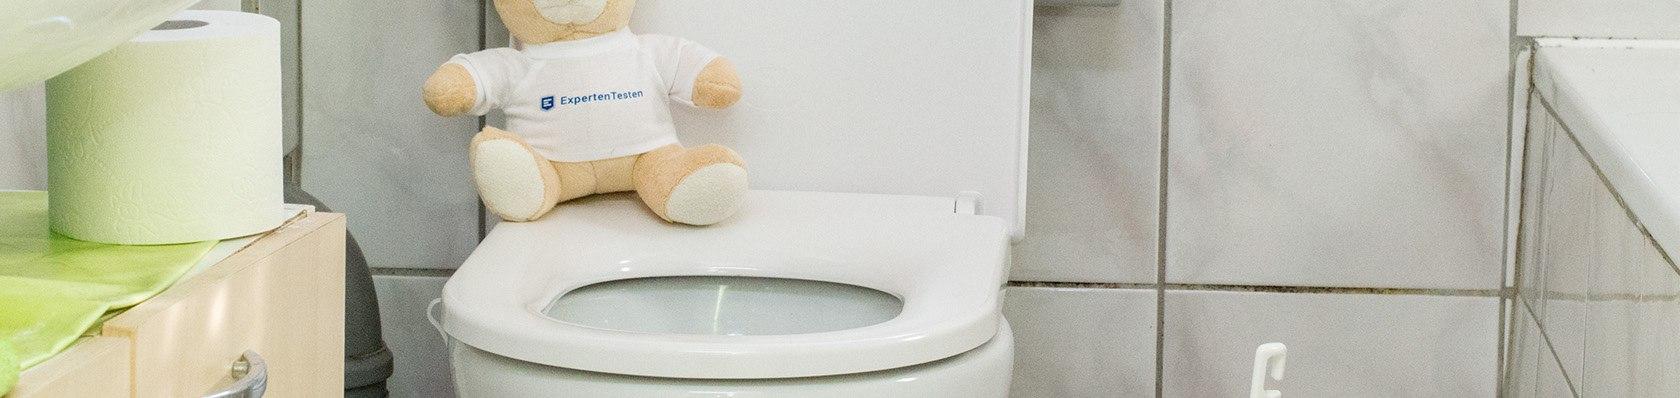 Toilettendeckel   im Test auf ExpertenTesten.de